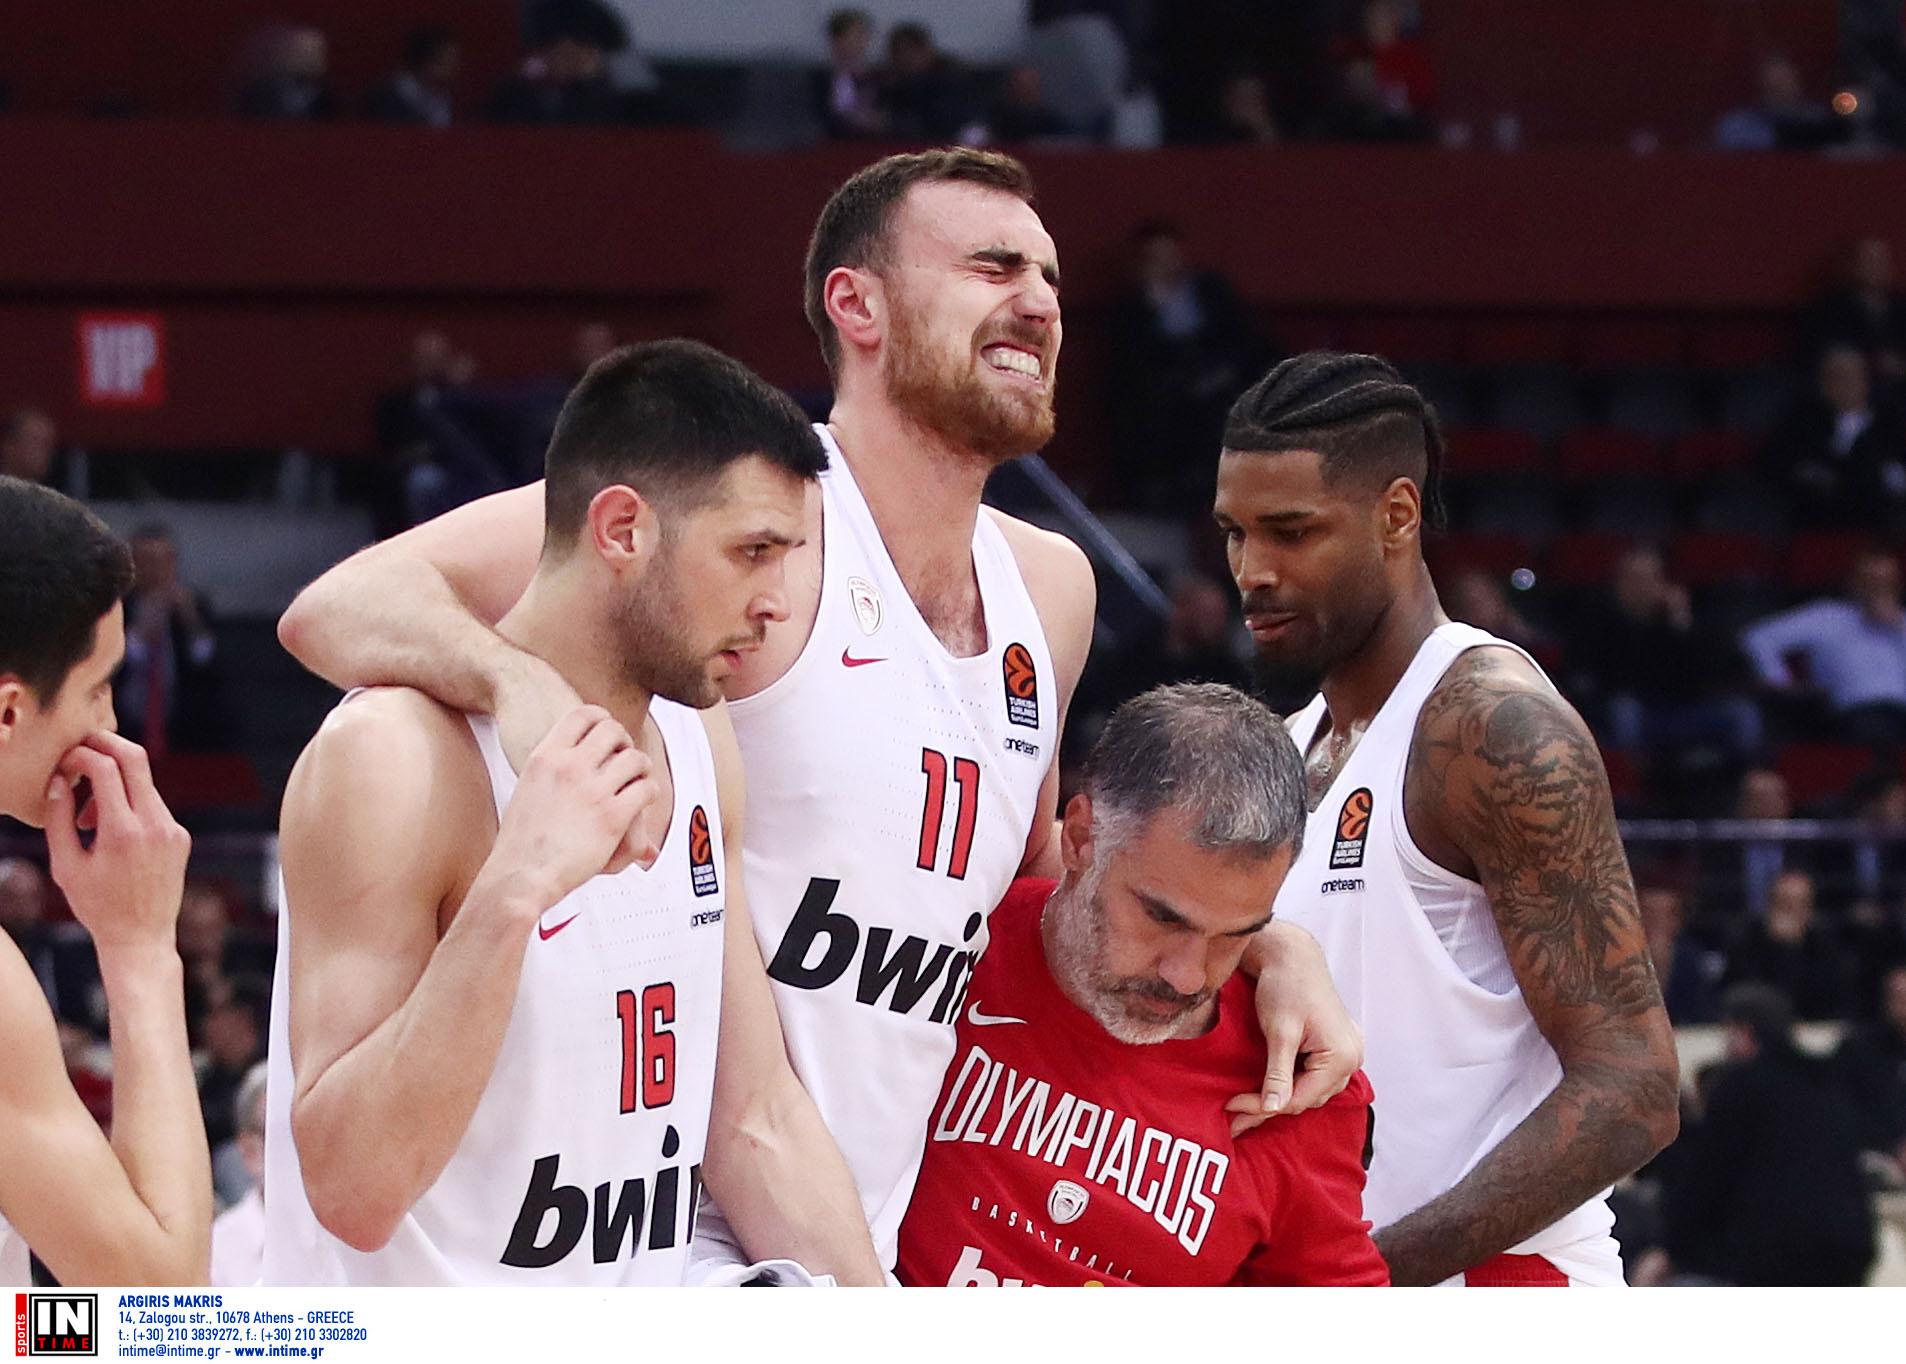 """Αποχώρησε σφαδάζοντας ο Μιλουτίνοφ! Απίστευτη """"γκίνια"""" στον Ολυμπιακό"""